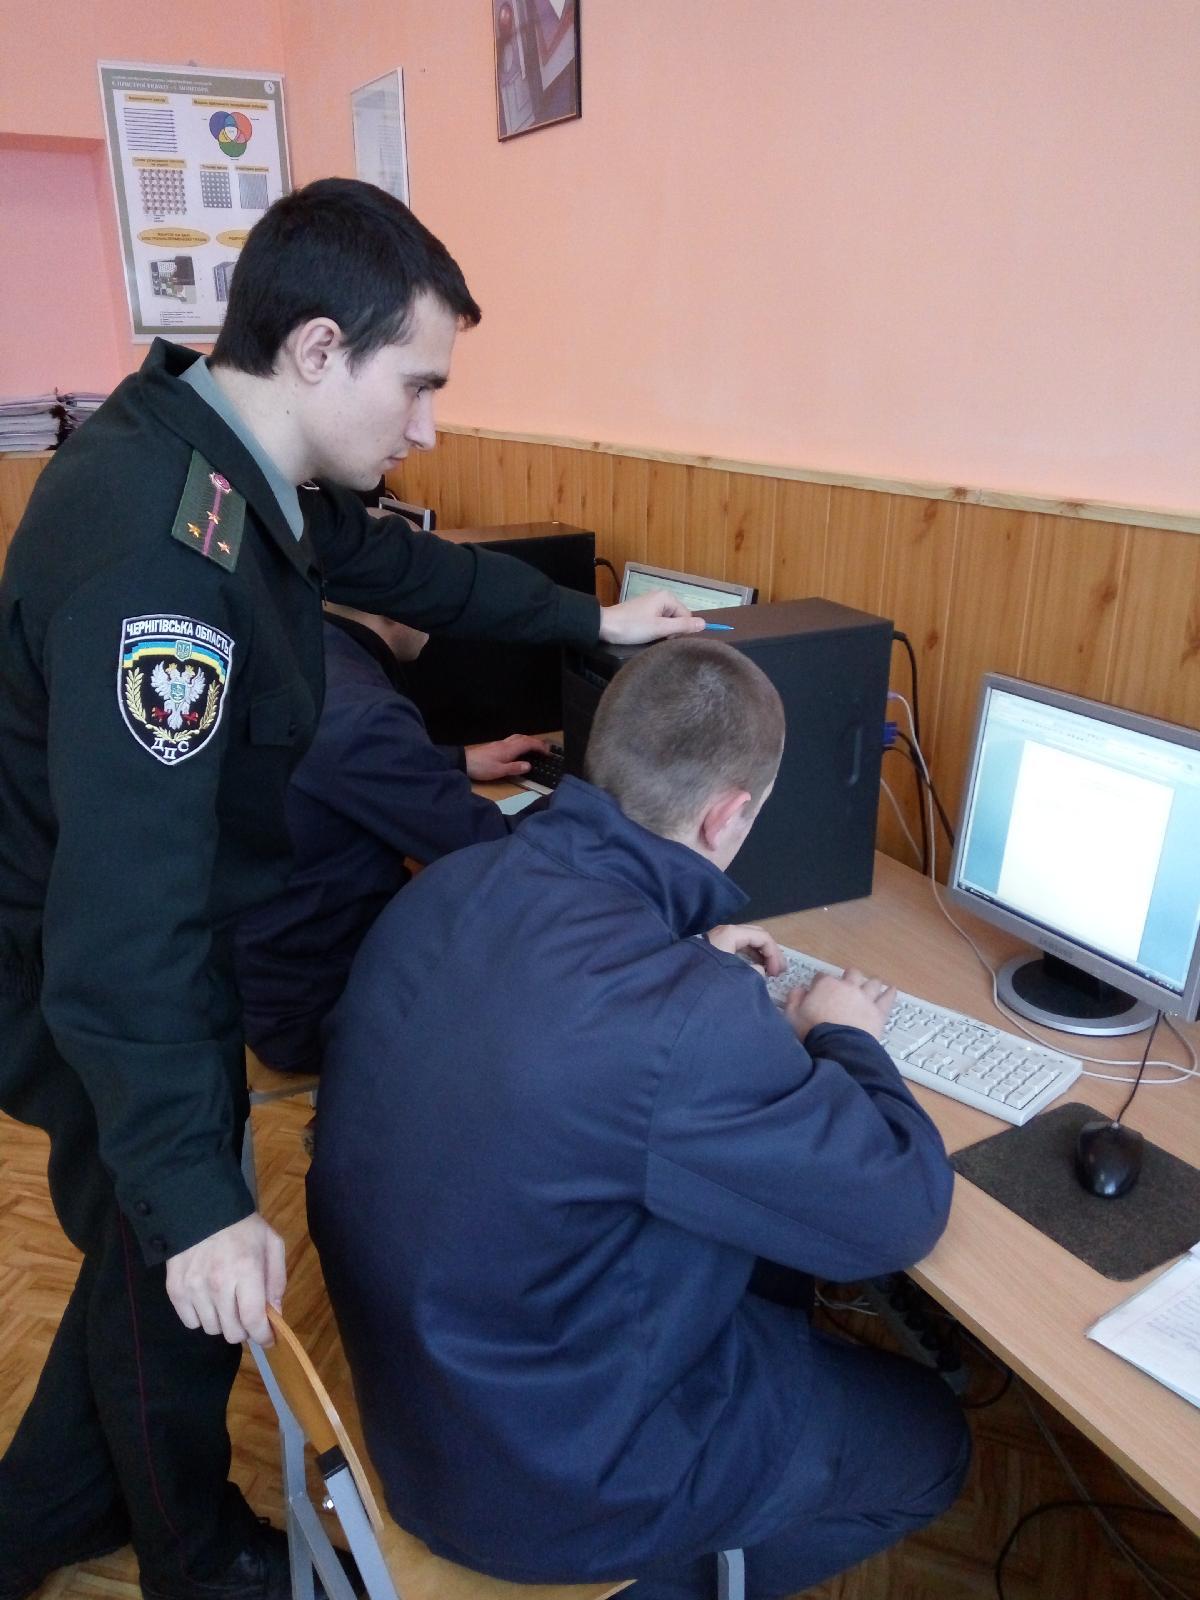 На Чернігівщині неповнолітніх засуджених навчають шукати роботу через інтернет